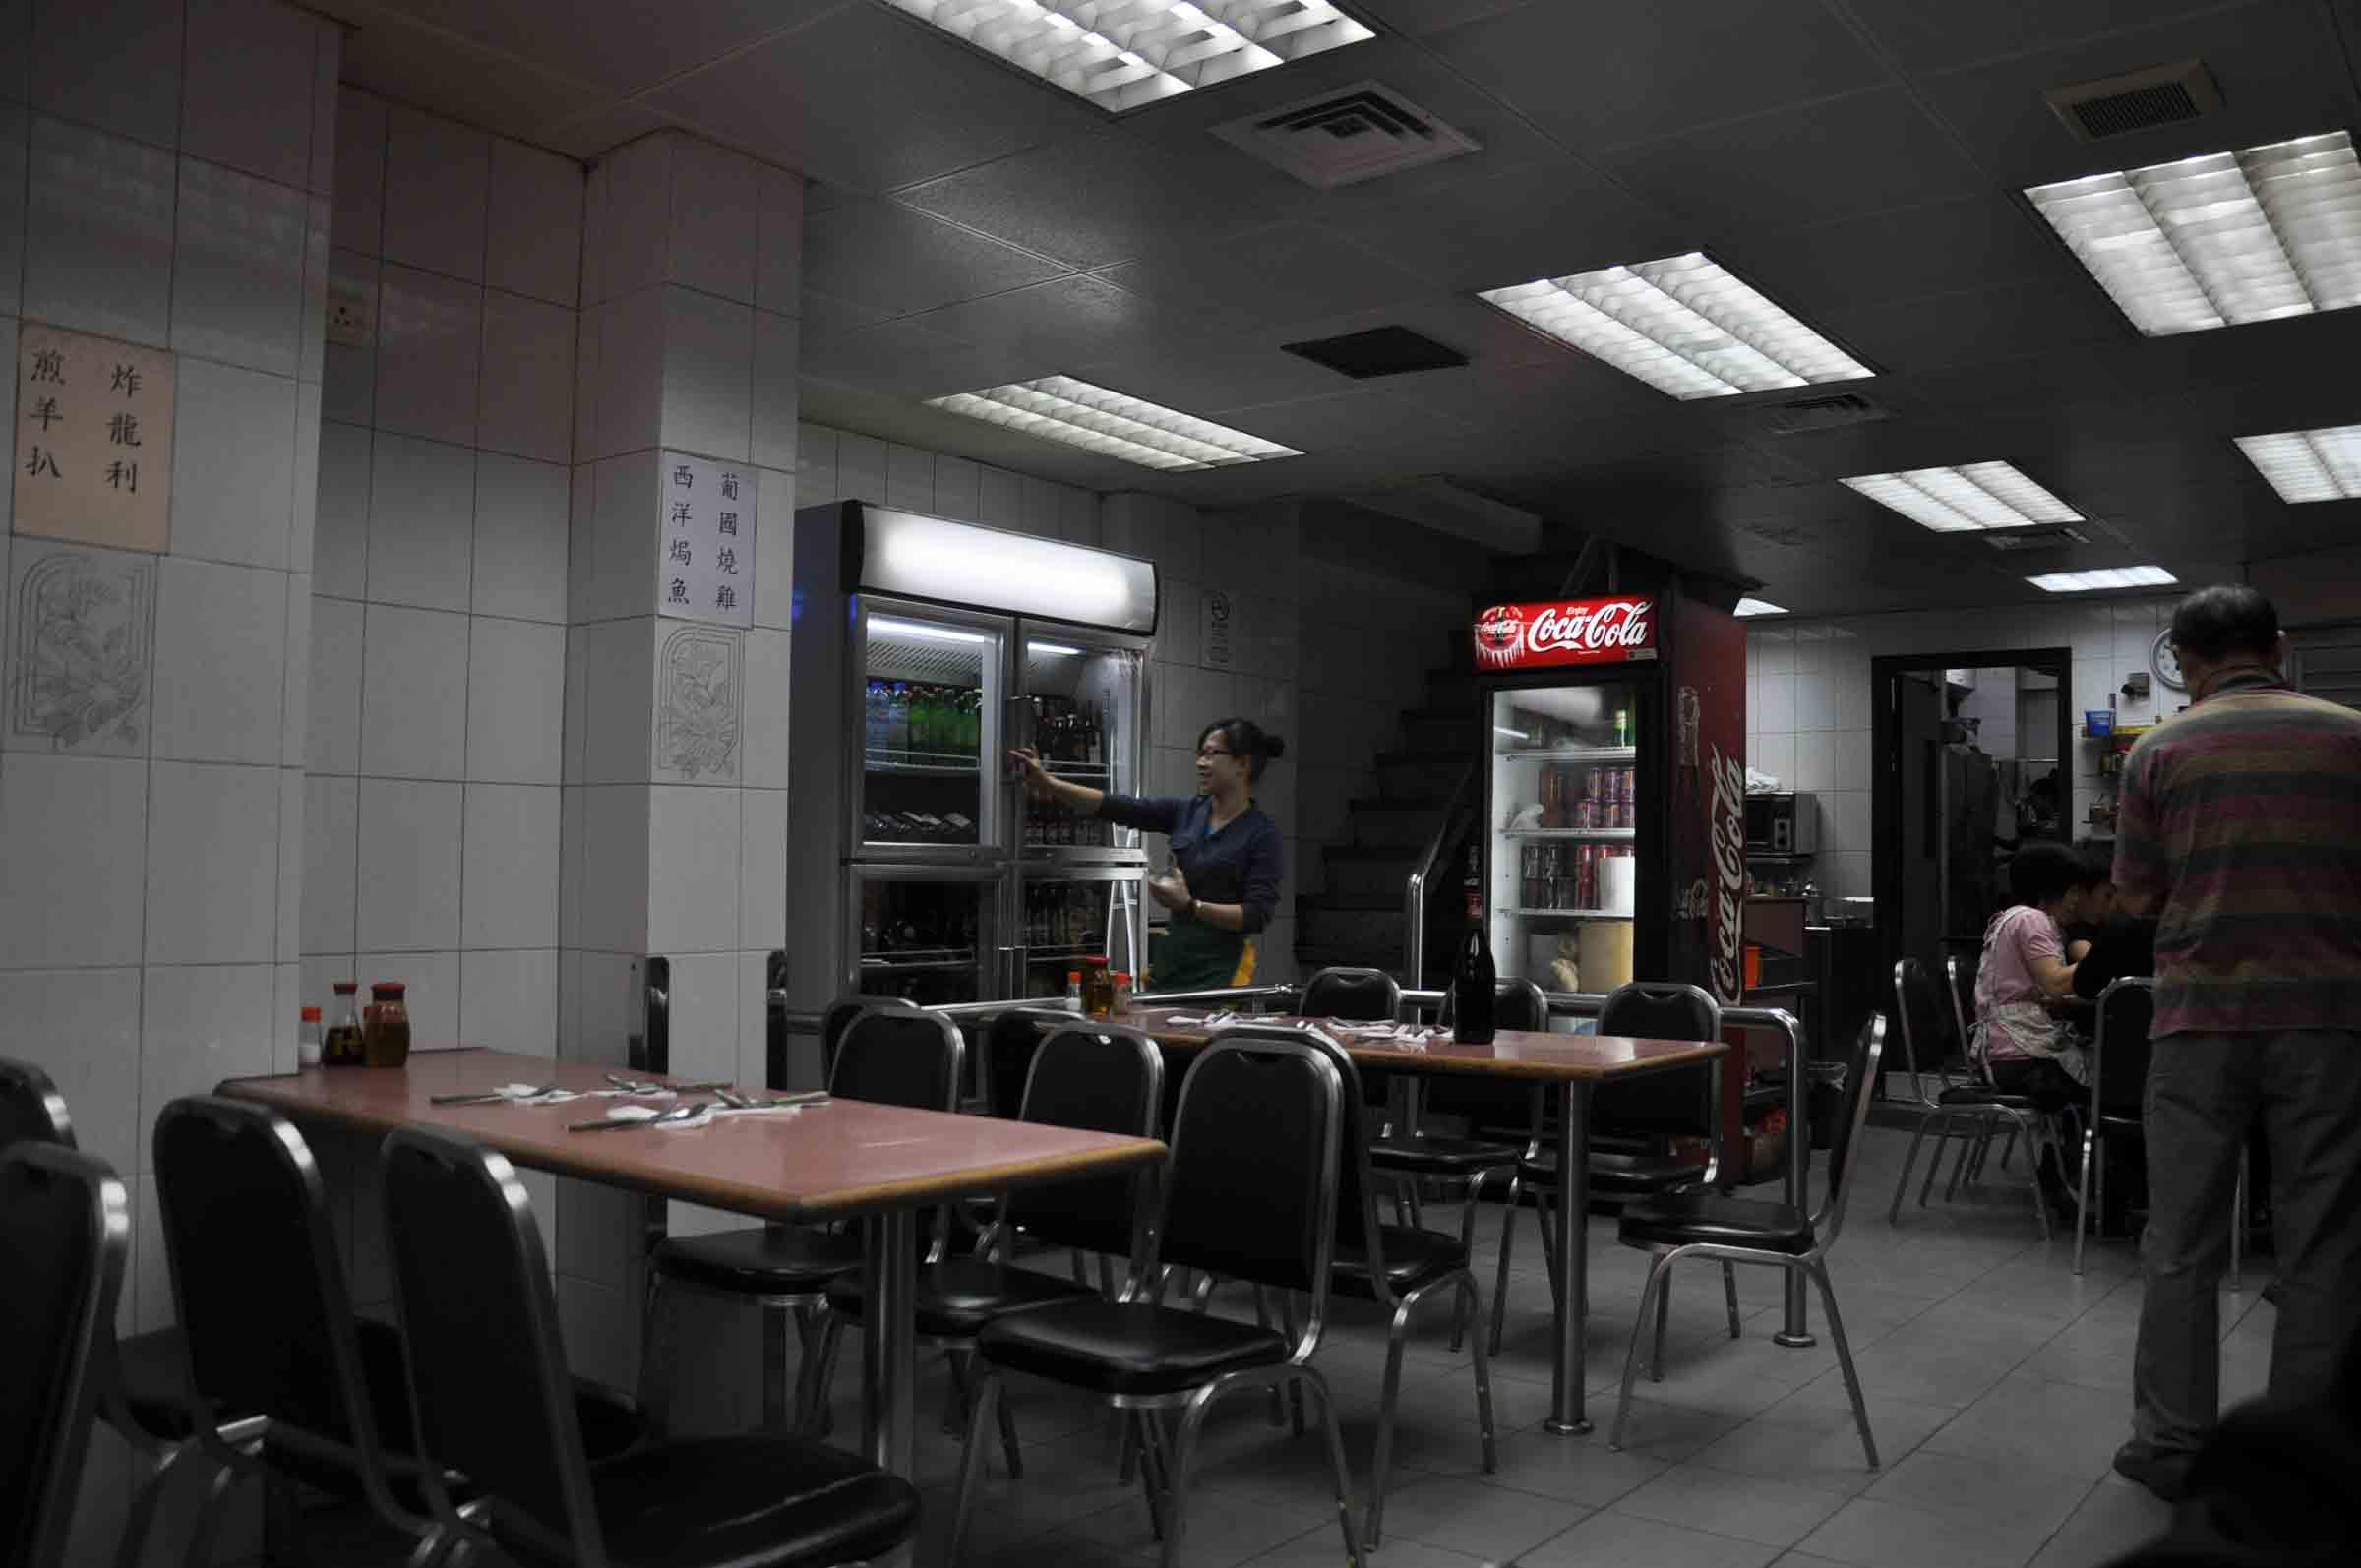 A Vencedora Macau interior